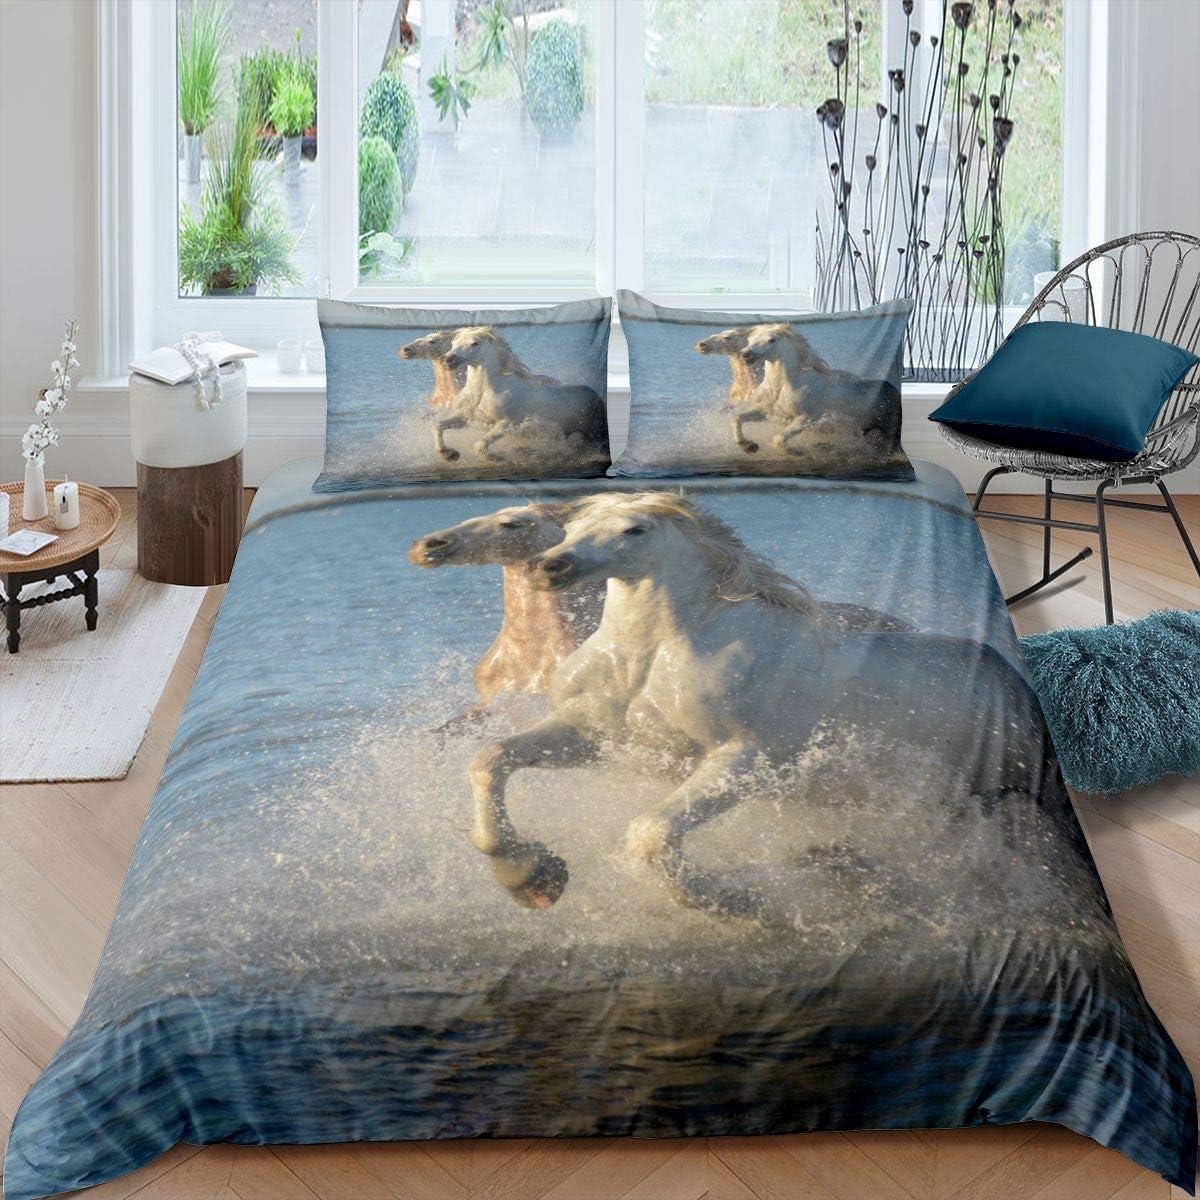 Juego de funda de edredón de caballo galopante para niños y niñas saltando animales salvajes funda de edredón Ocean Wildlife ropa de cama y lino 3 piezas Super King, cremallera